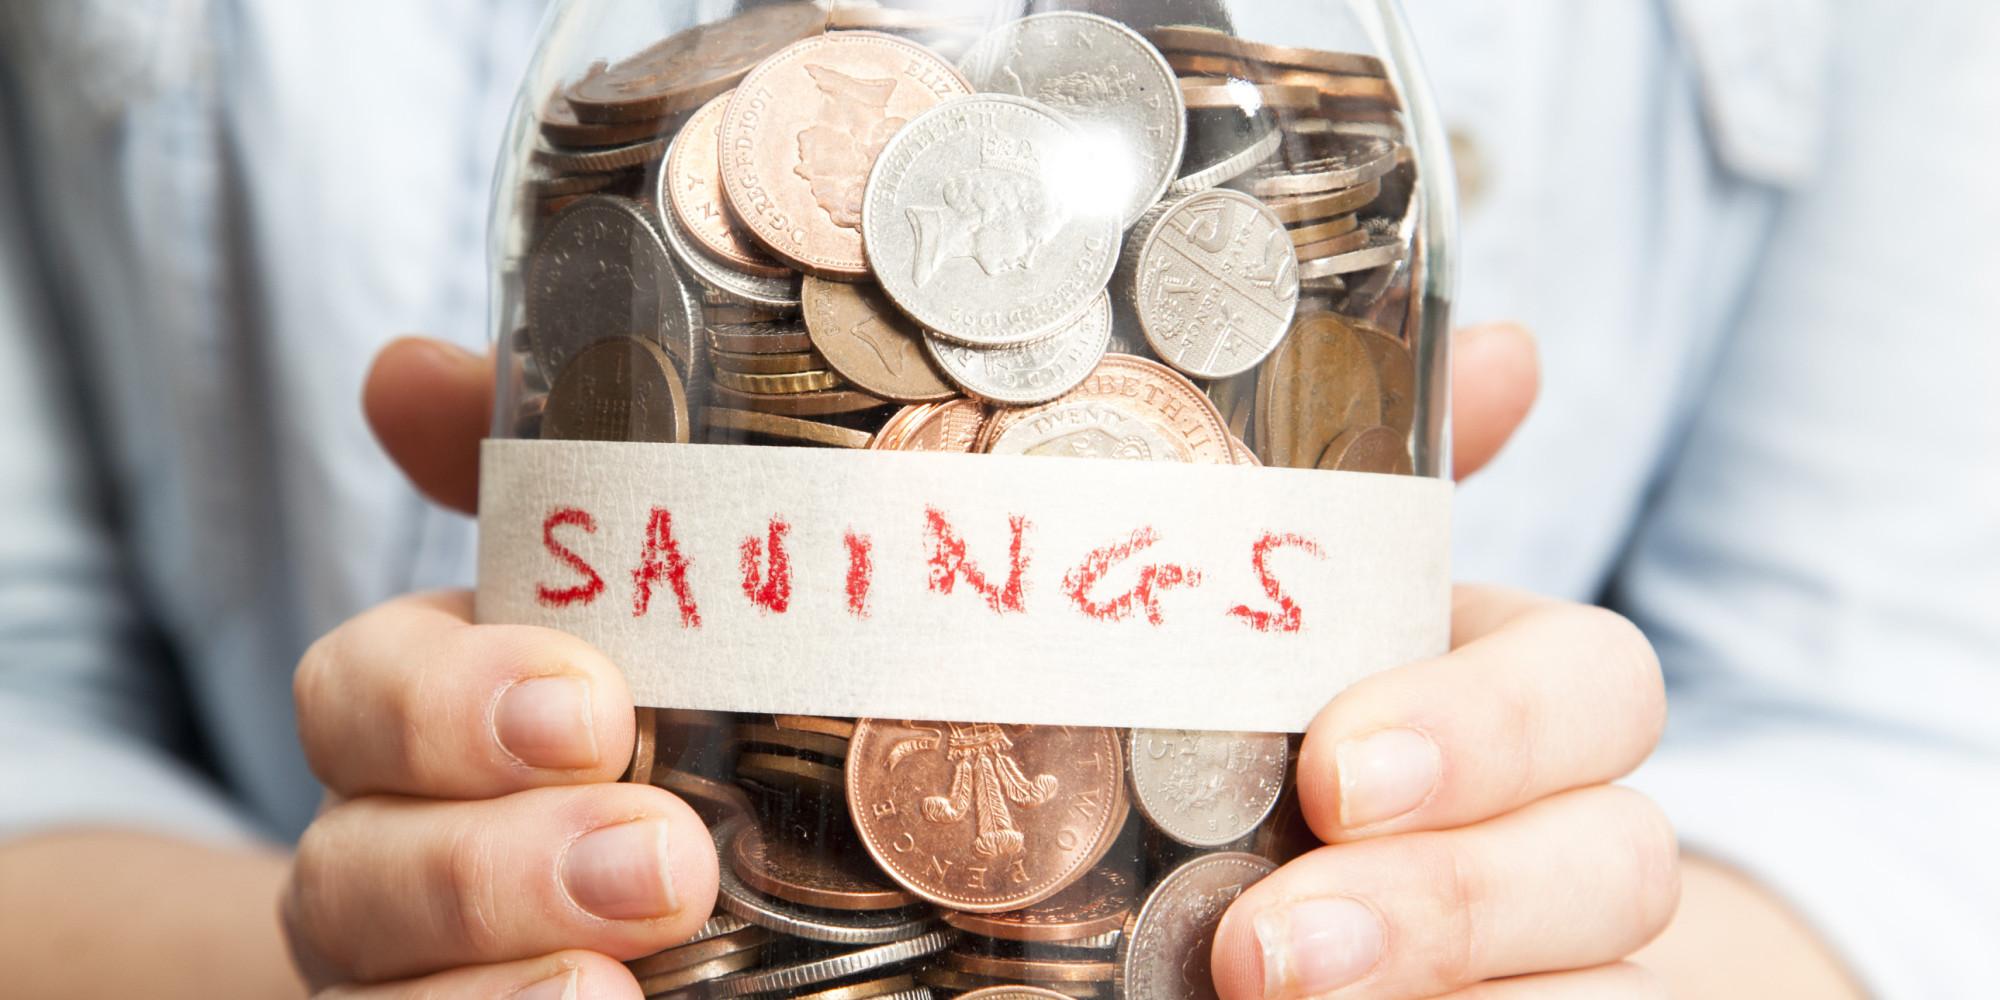 با این روشها پول بیشتری را پس انداز کنید